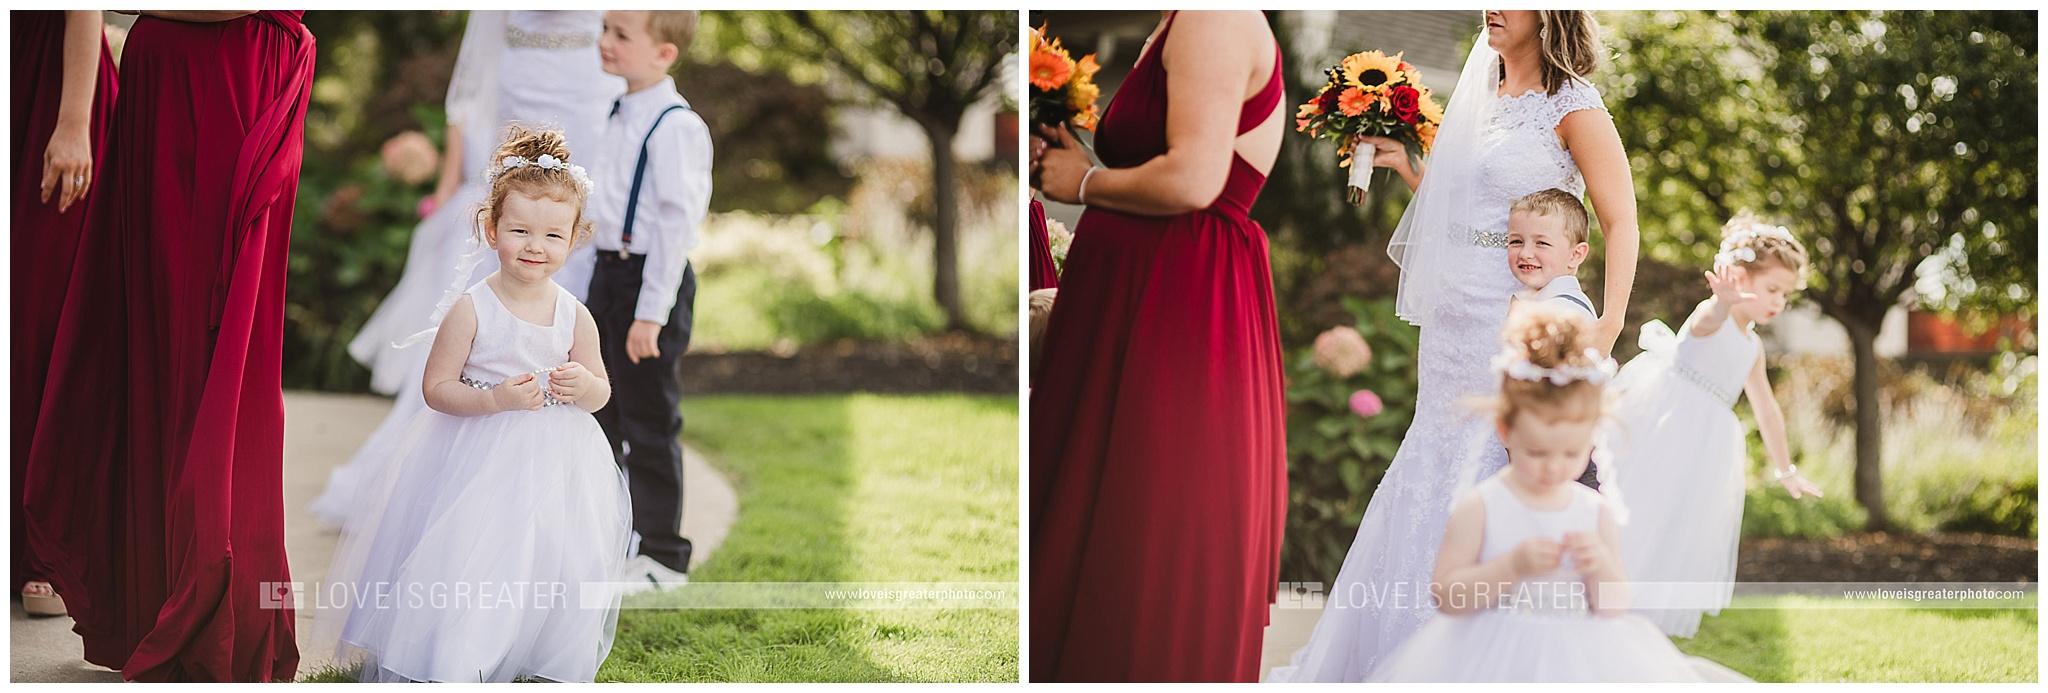 toledo-wedding-photographer_0145